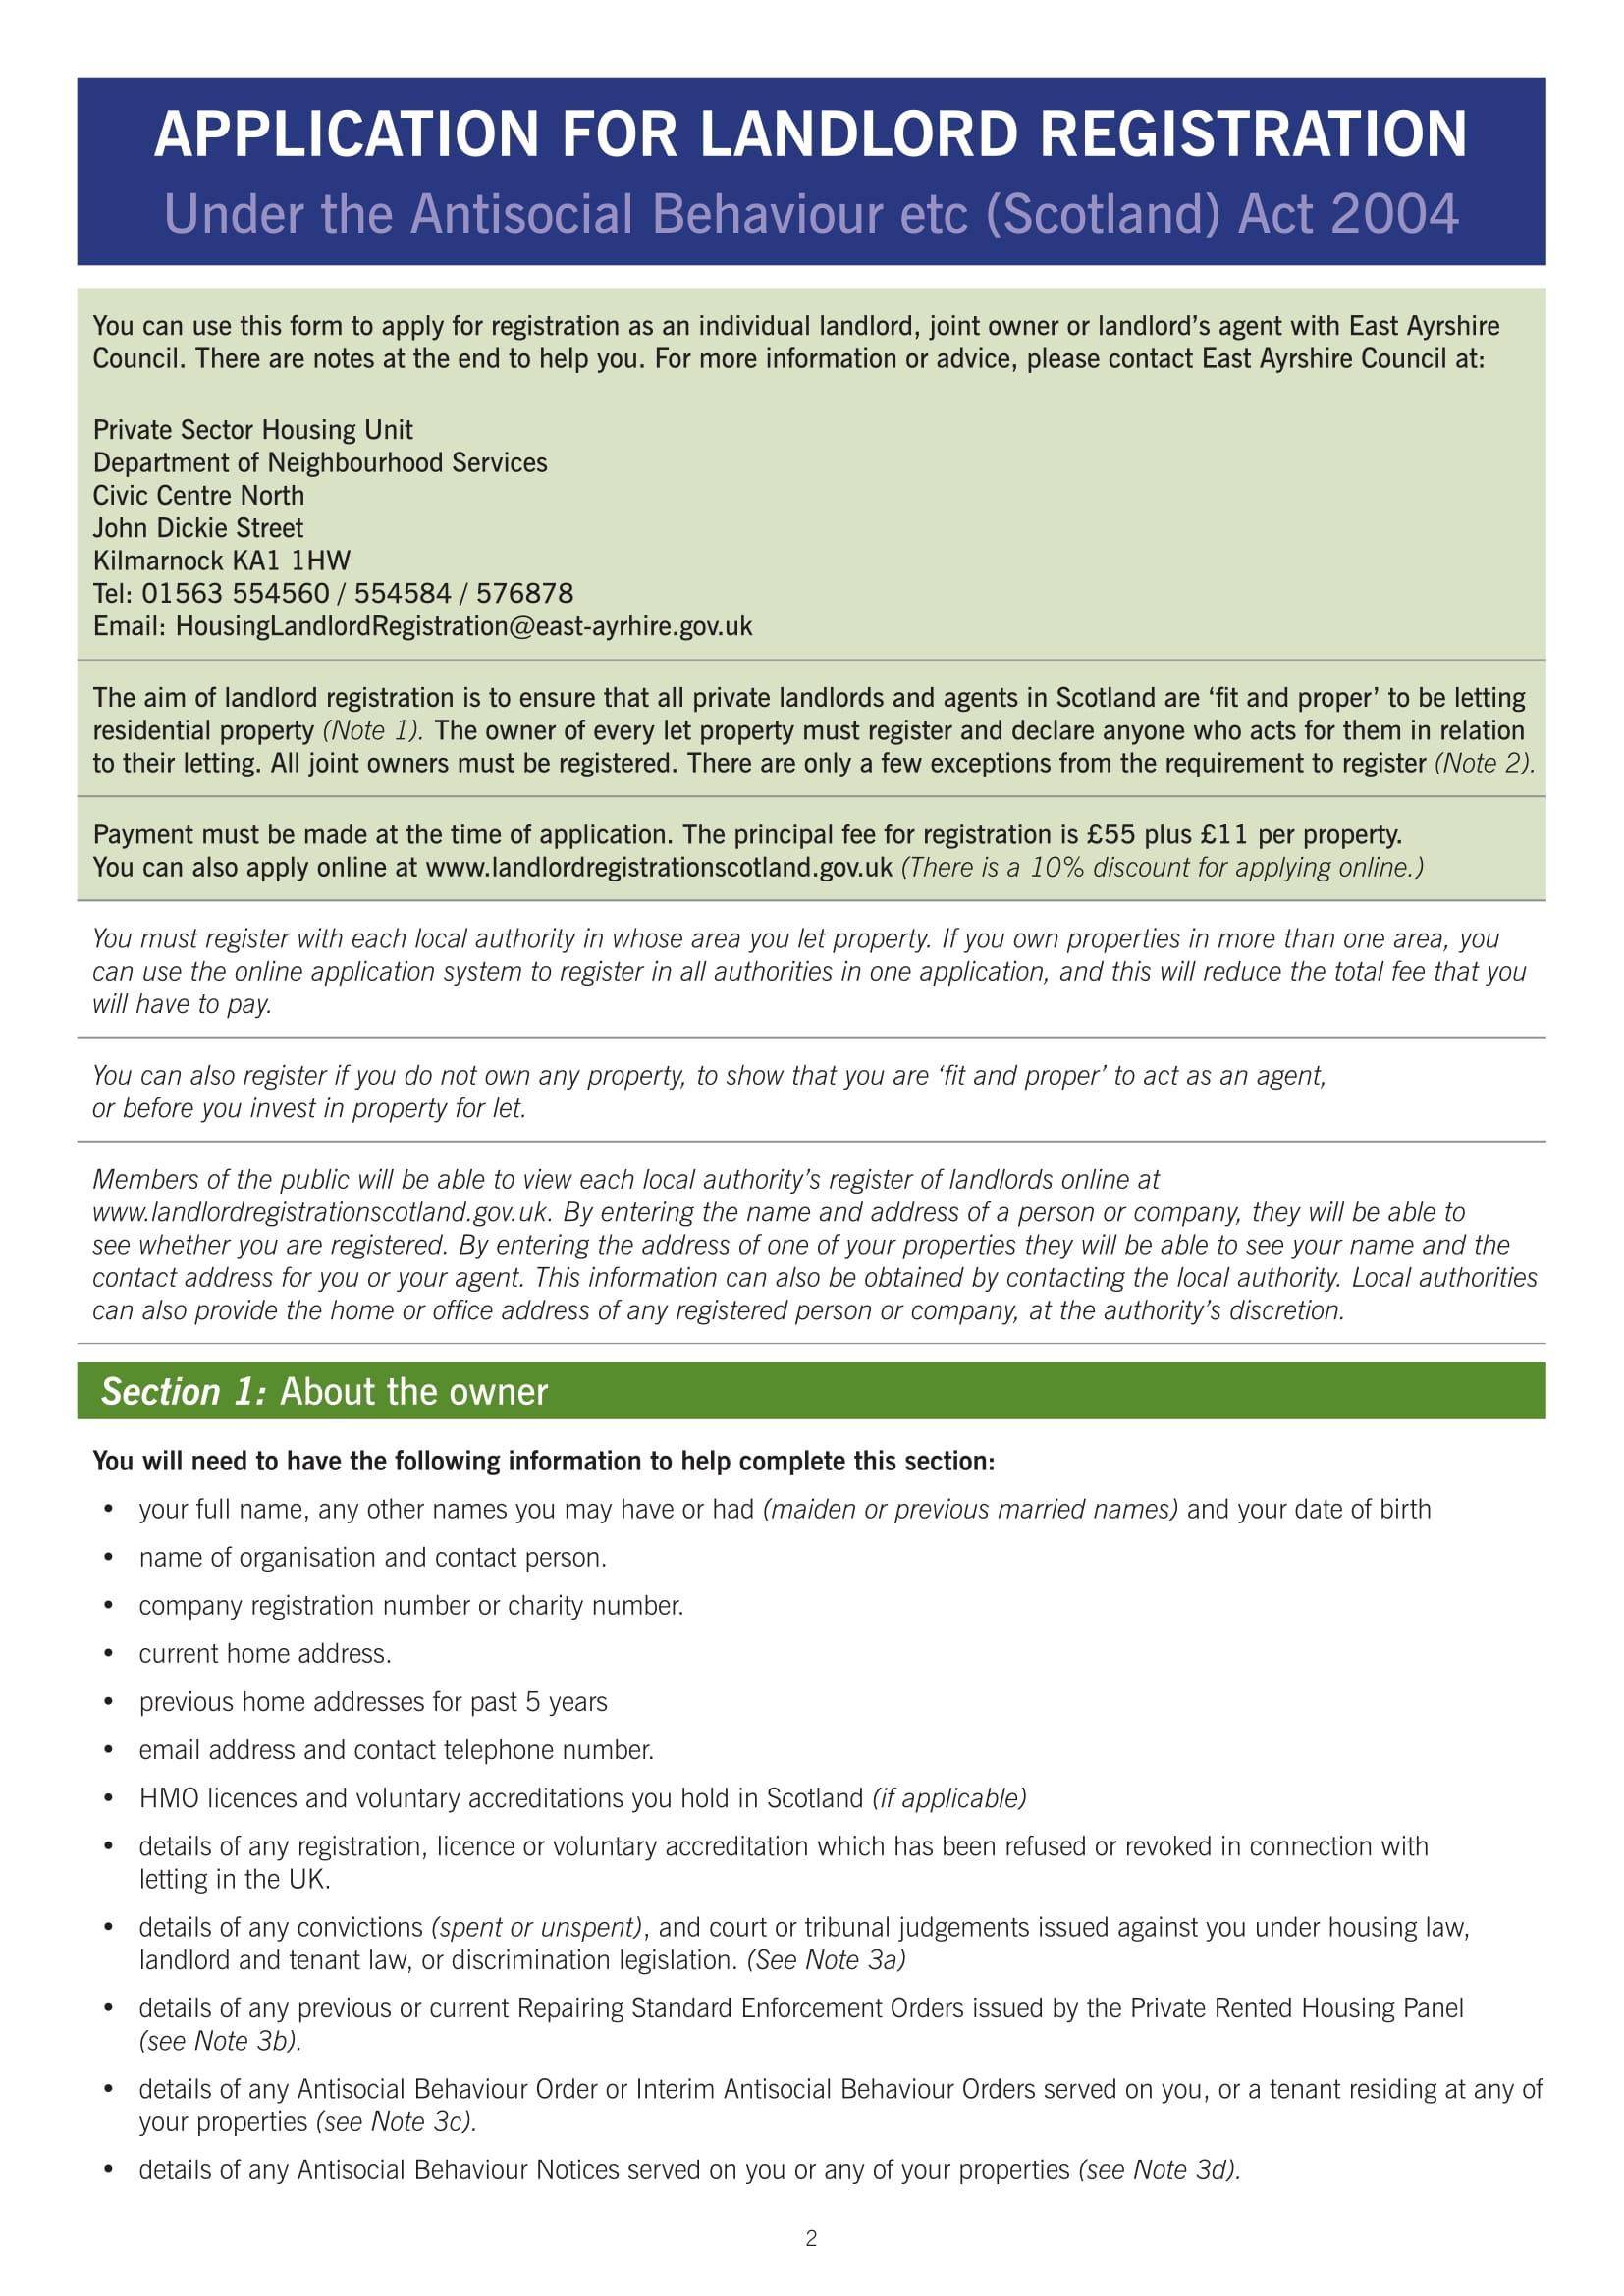 application for landlord registration form 02